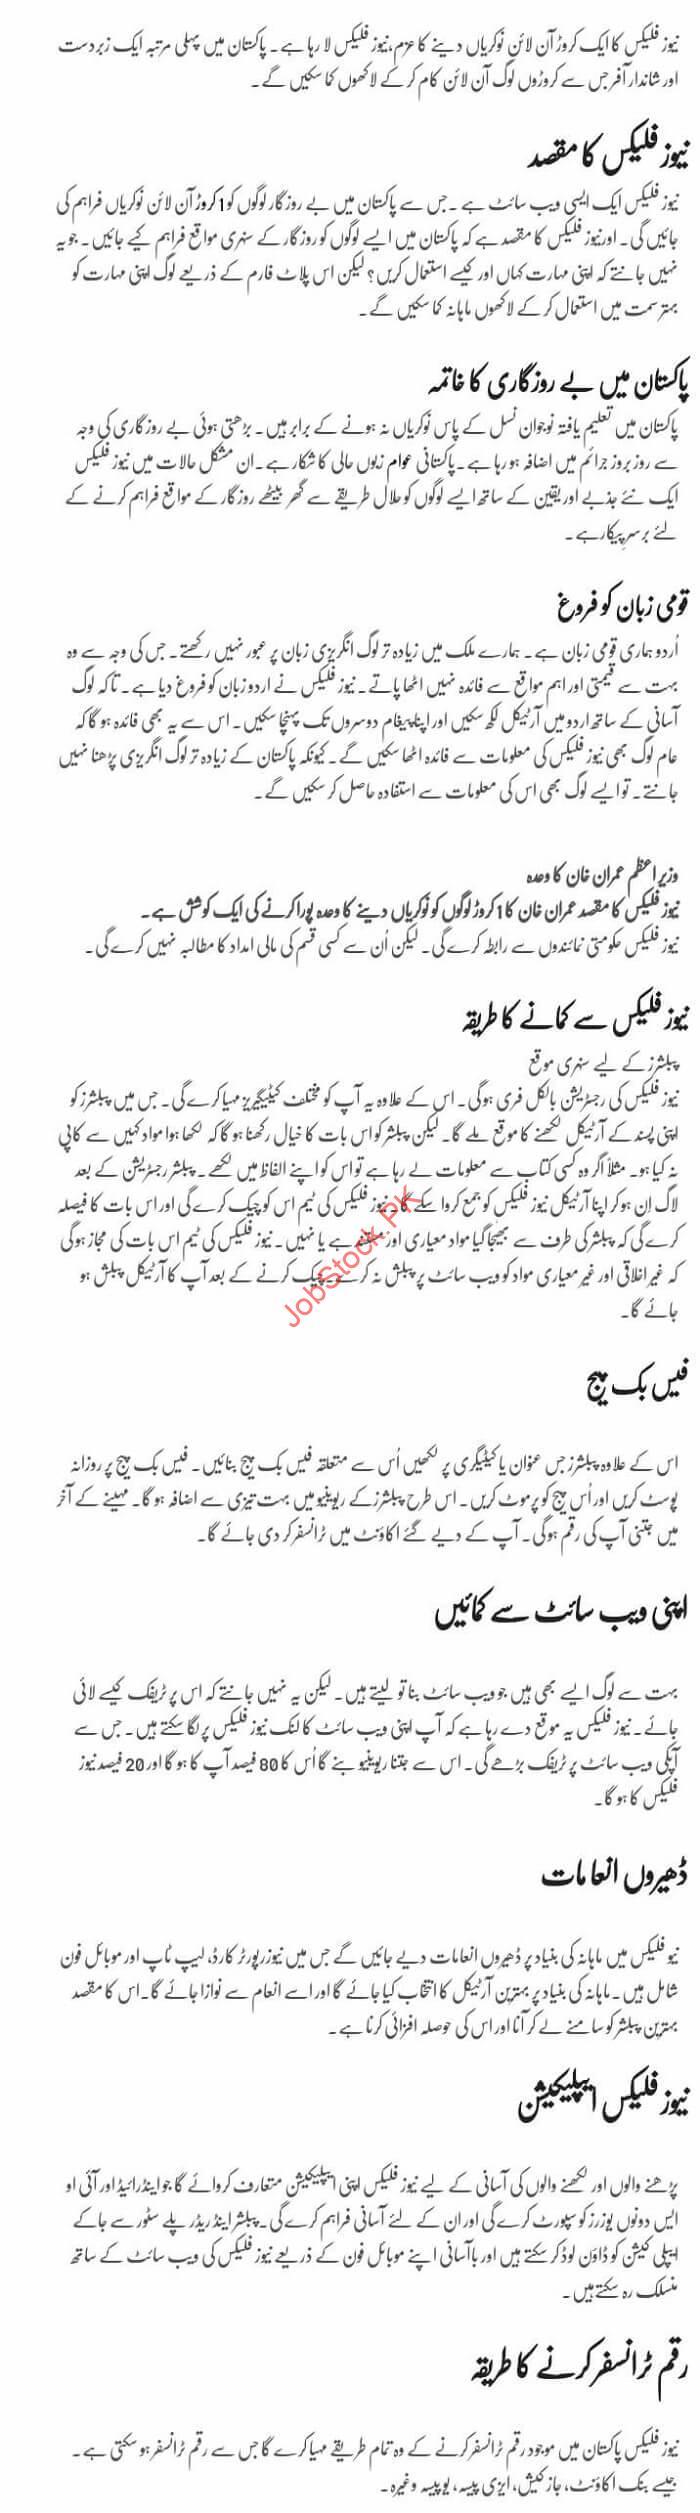 Content Writing Jobs In Pakistan Online